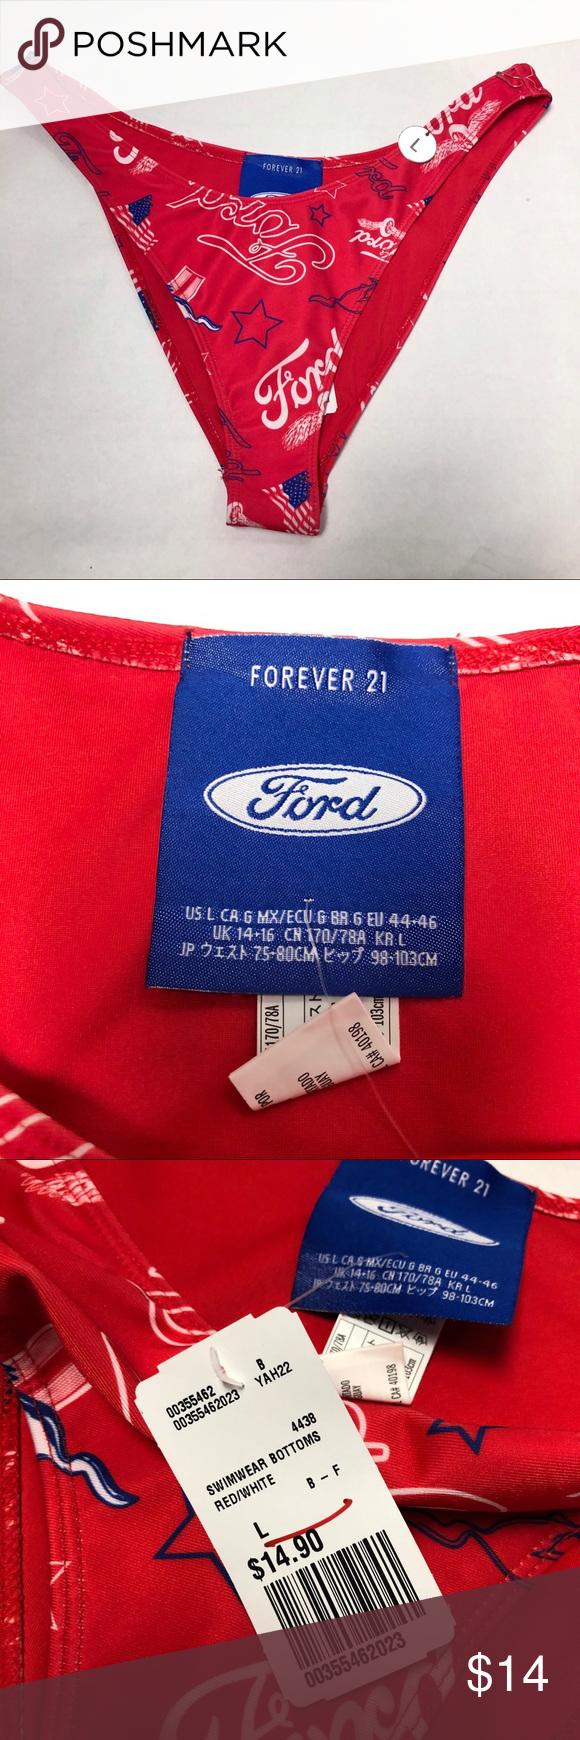 Red Bikini Bottom Ford X Forever 21 Red Bikini Bottoms Red Bikini Bikini Bottoms